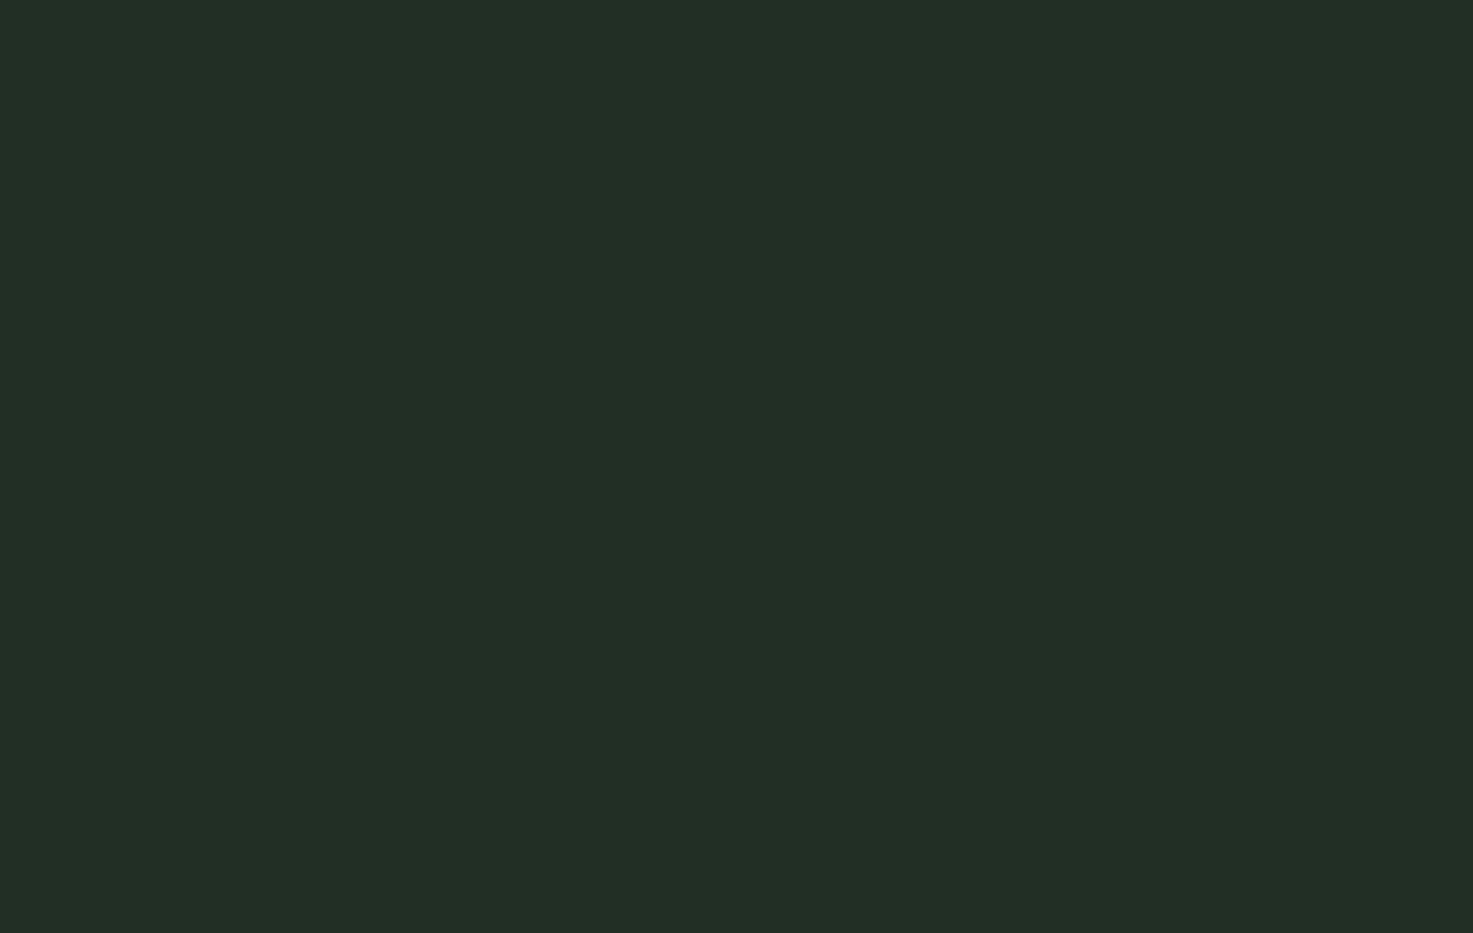 verde bosco 890